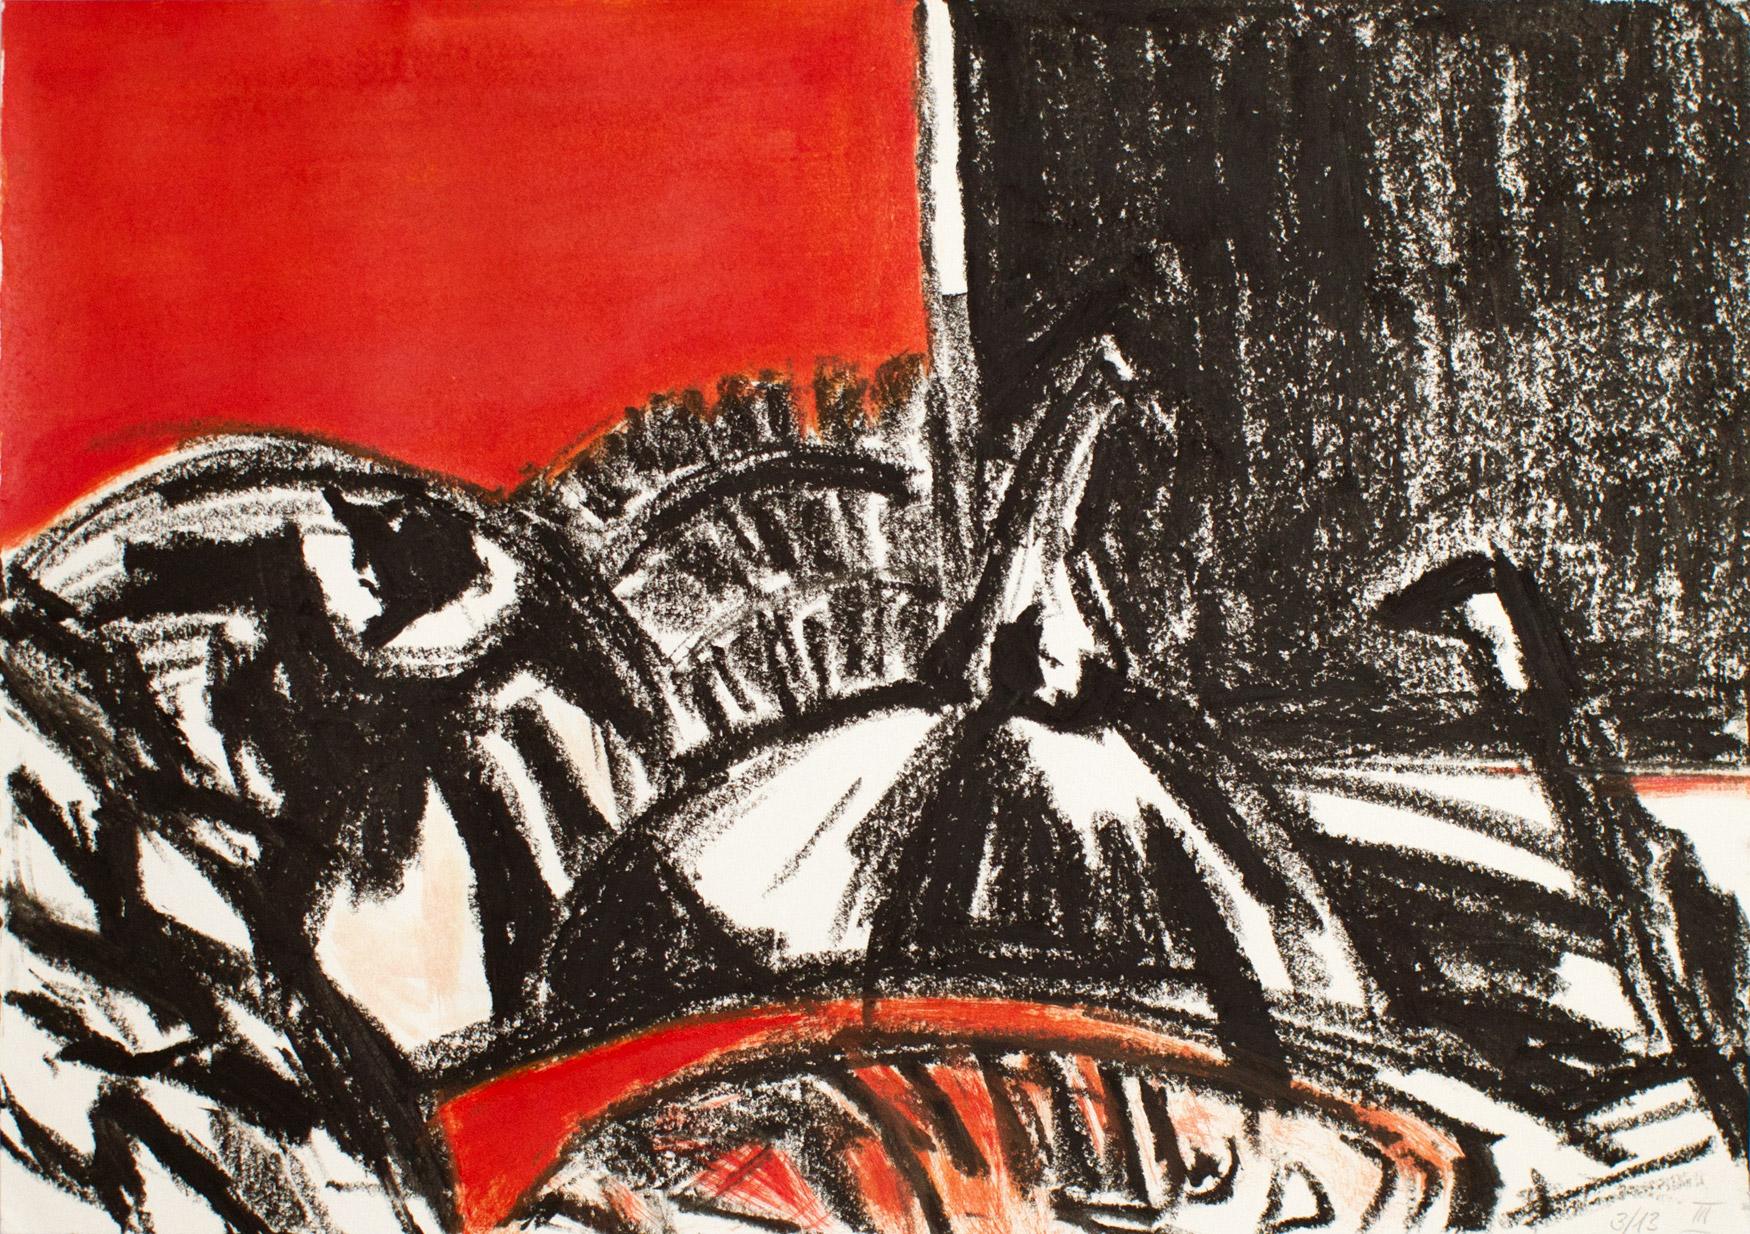 ohne Titel, 2013 Ölkreide und Acryl auf Papier 29,5 x 42 cm